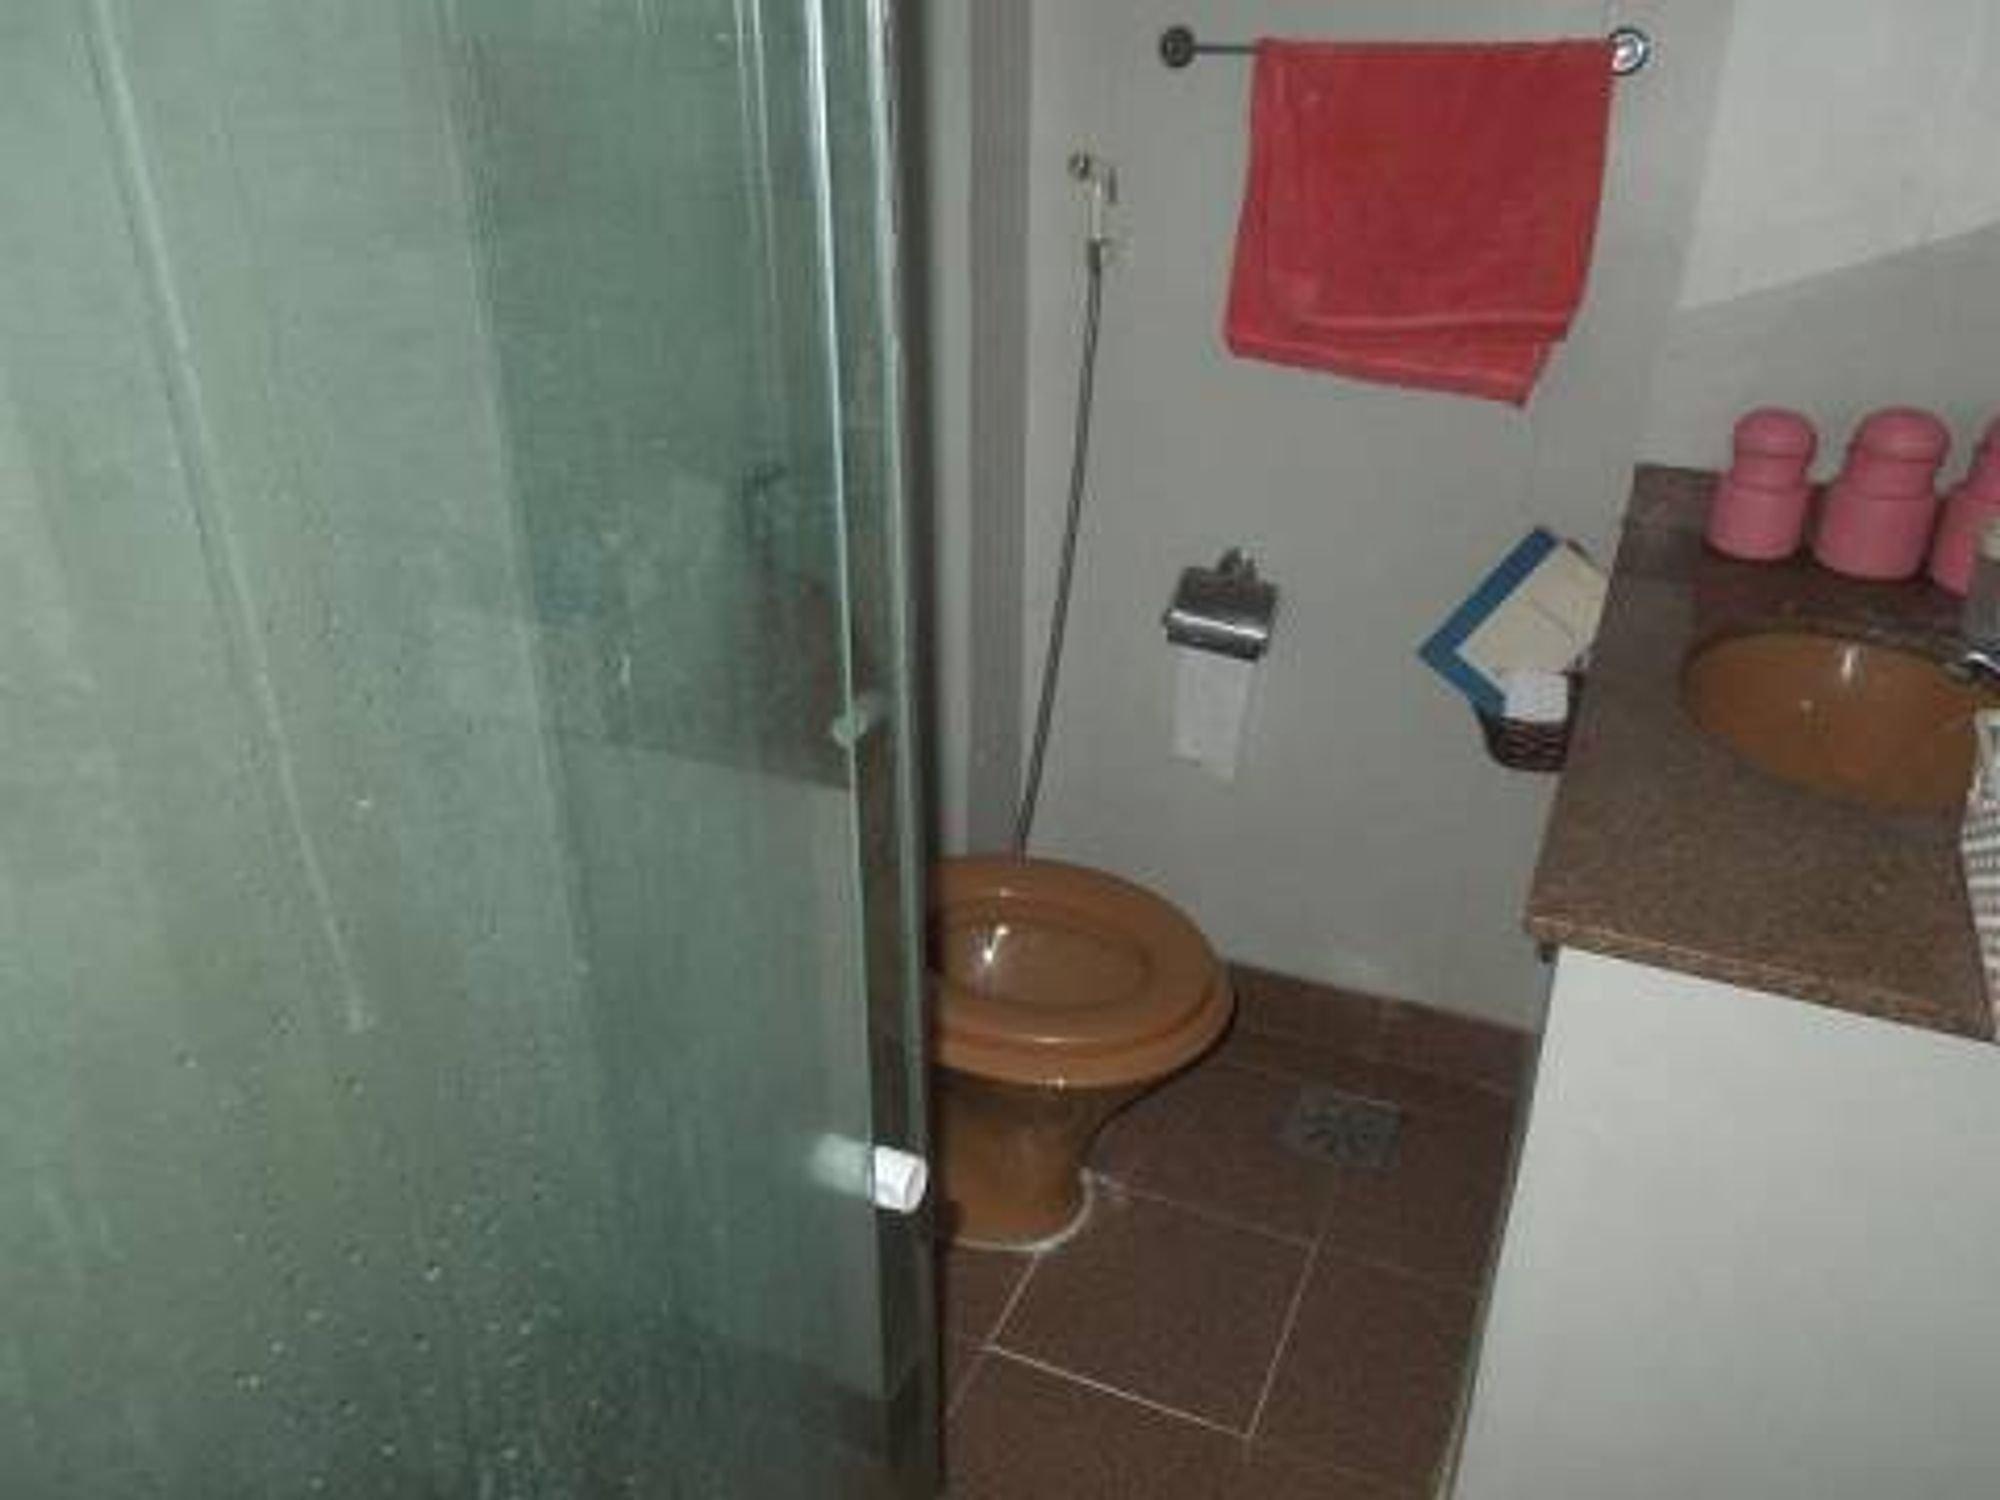 Foto de Corredor com vaso sanitário, pia